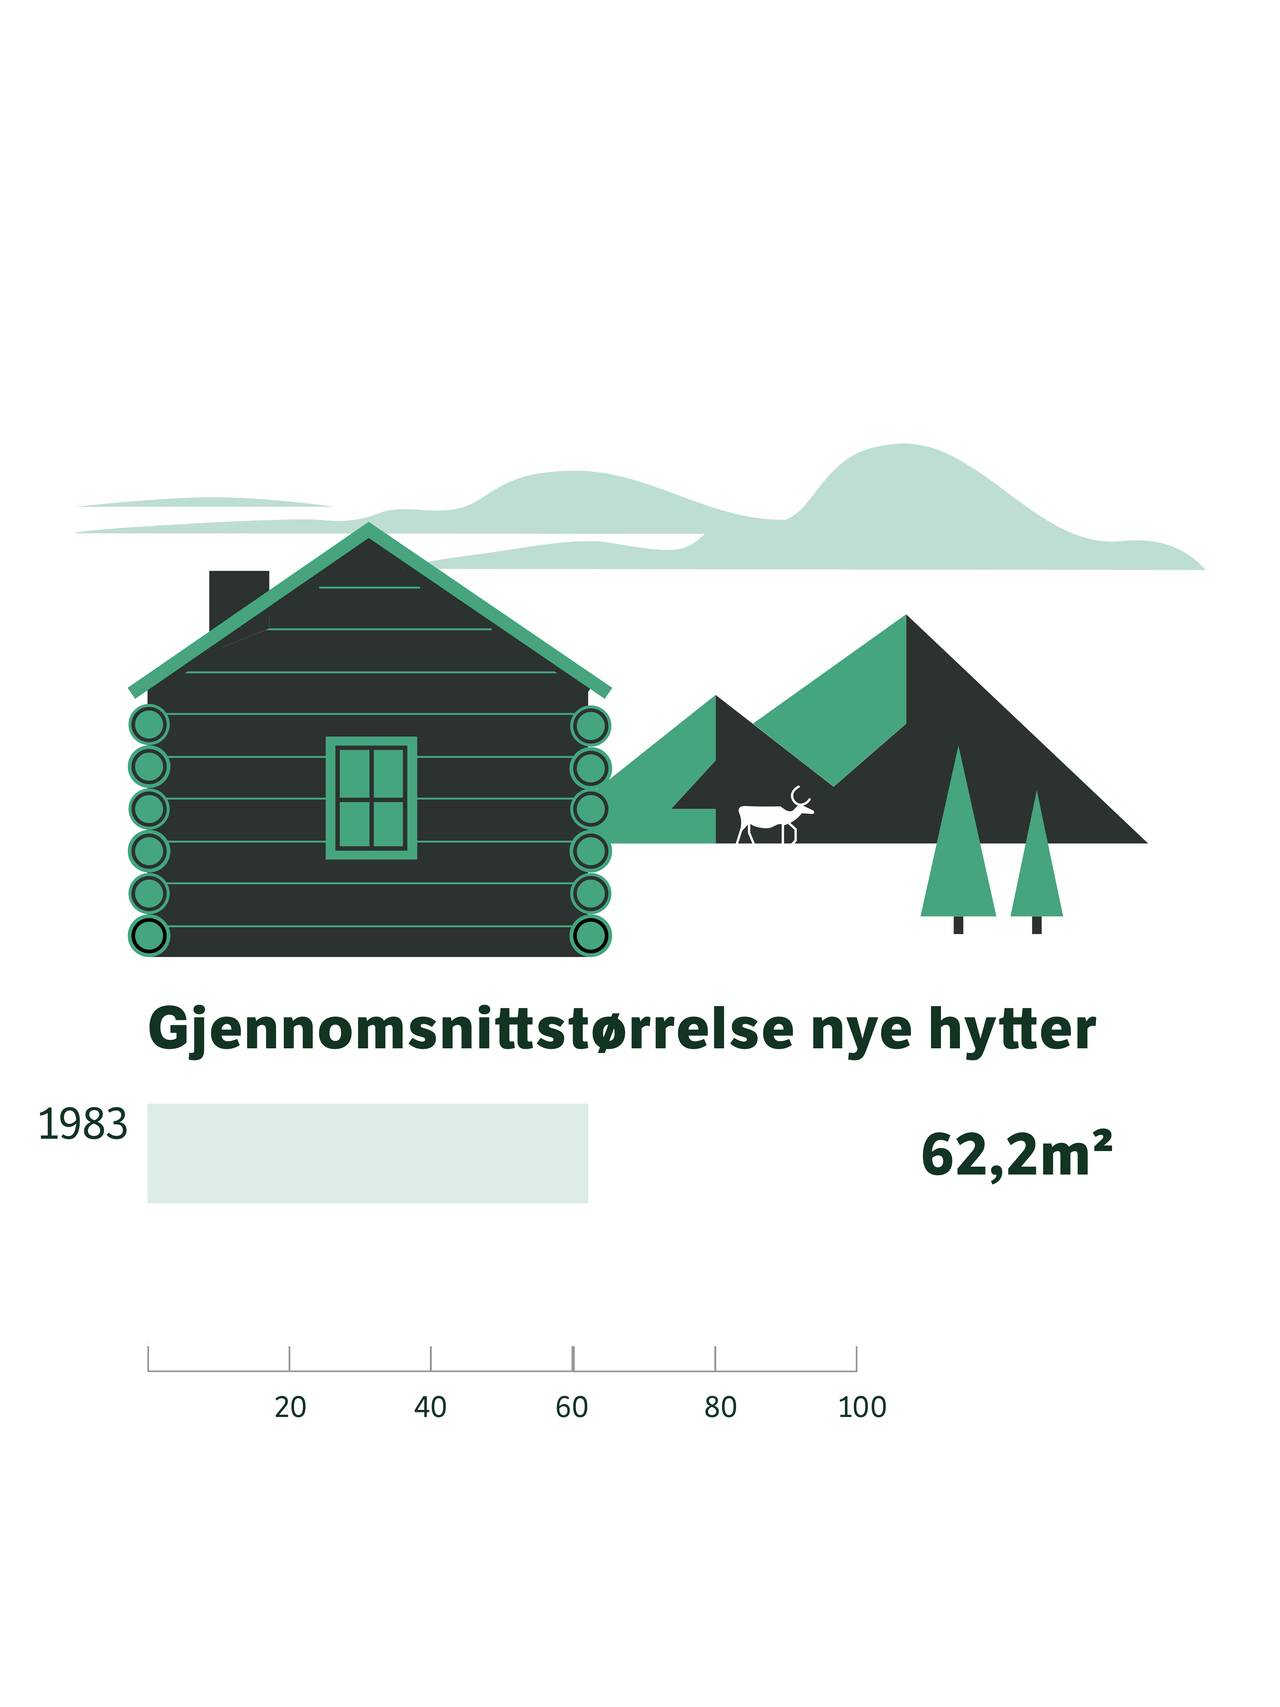 Graf over gjennomsnitt kvm nye hytter (62,2 kvm i 1983)